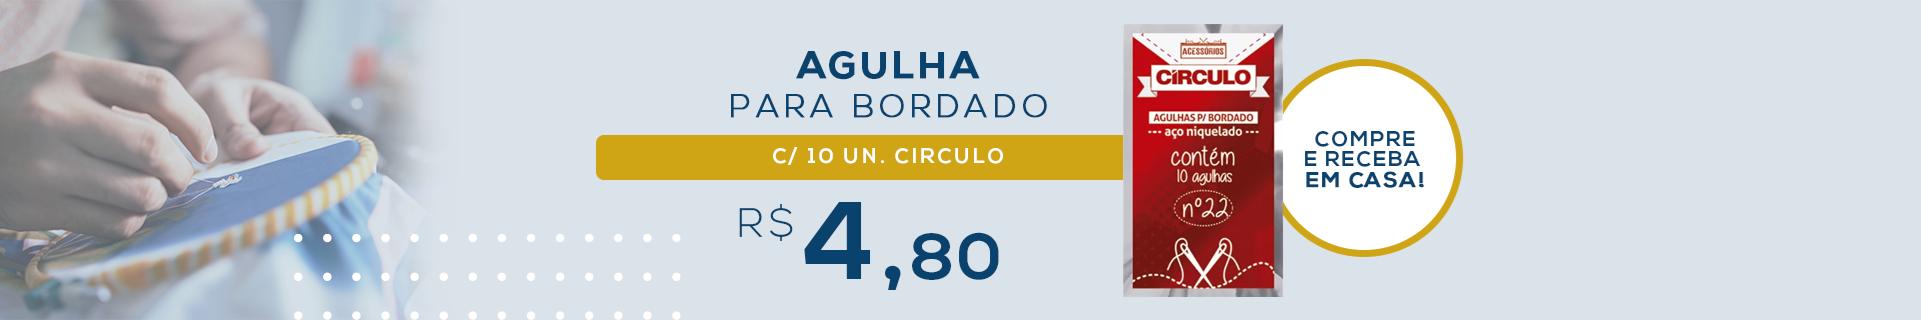 AGULHA PARA BORDADO C/10UN. CIRCULO